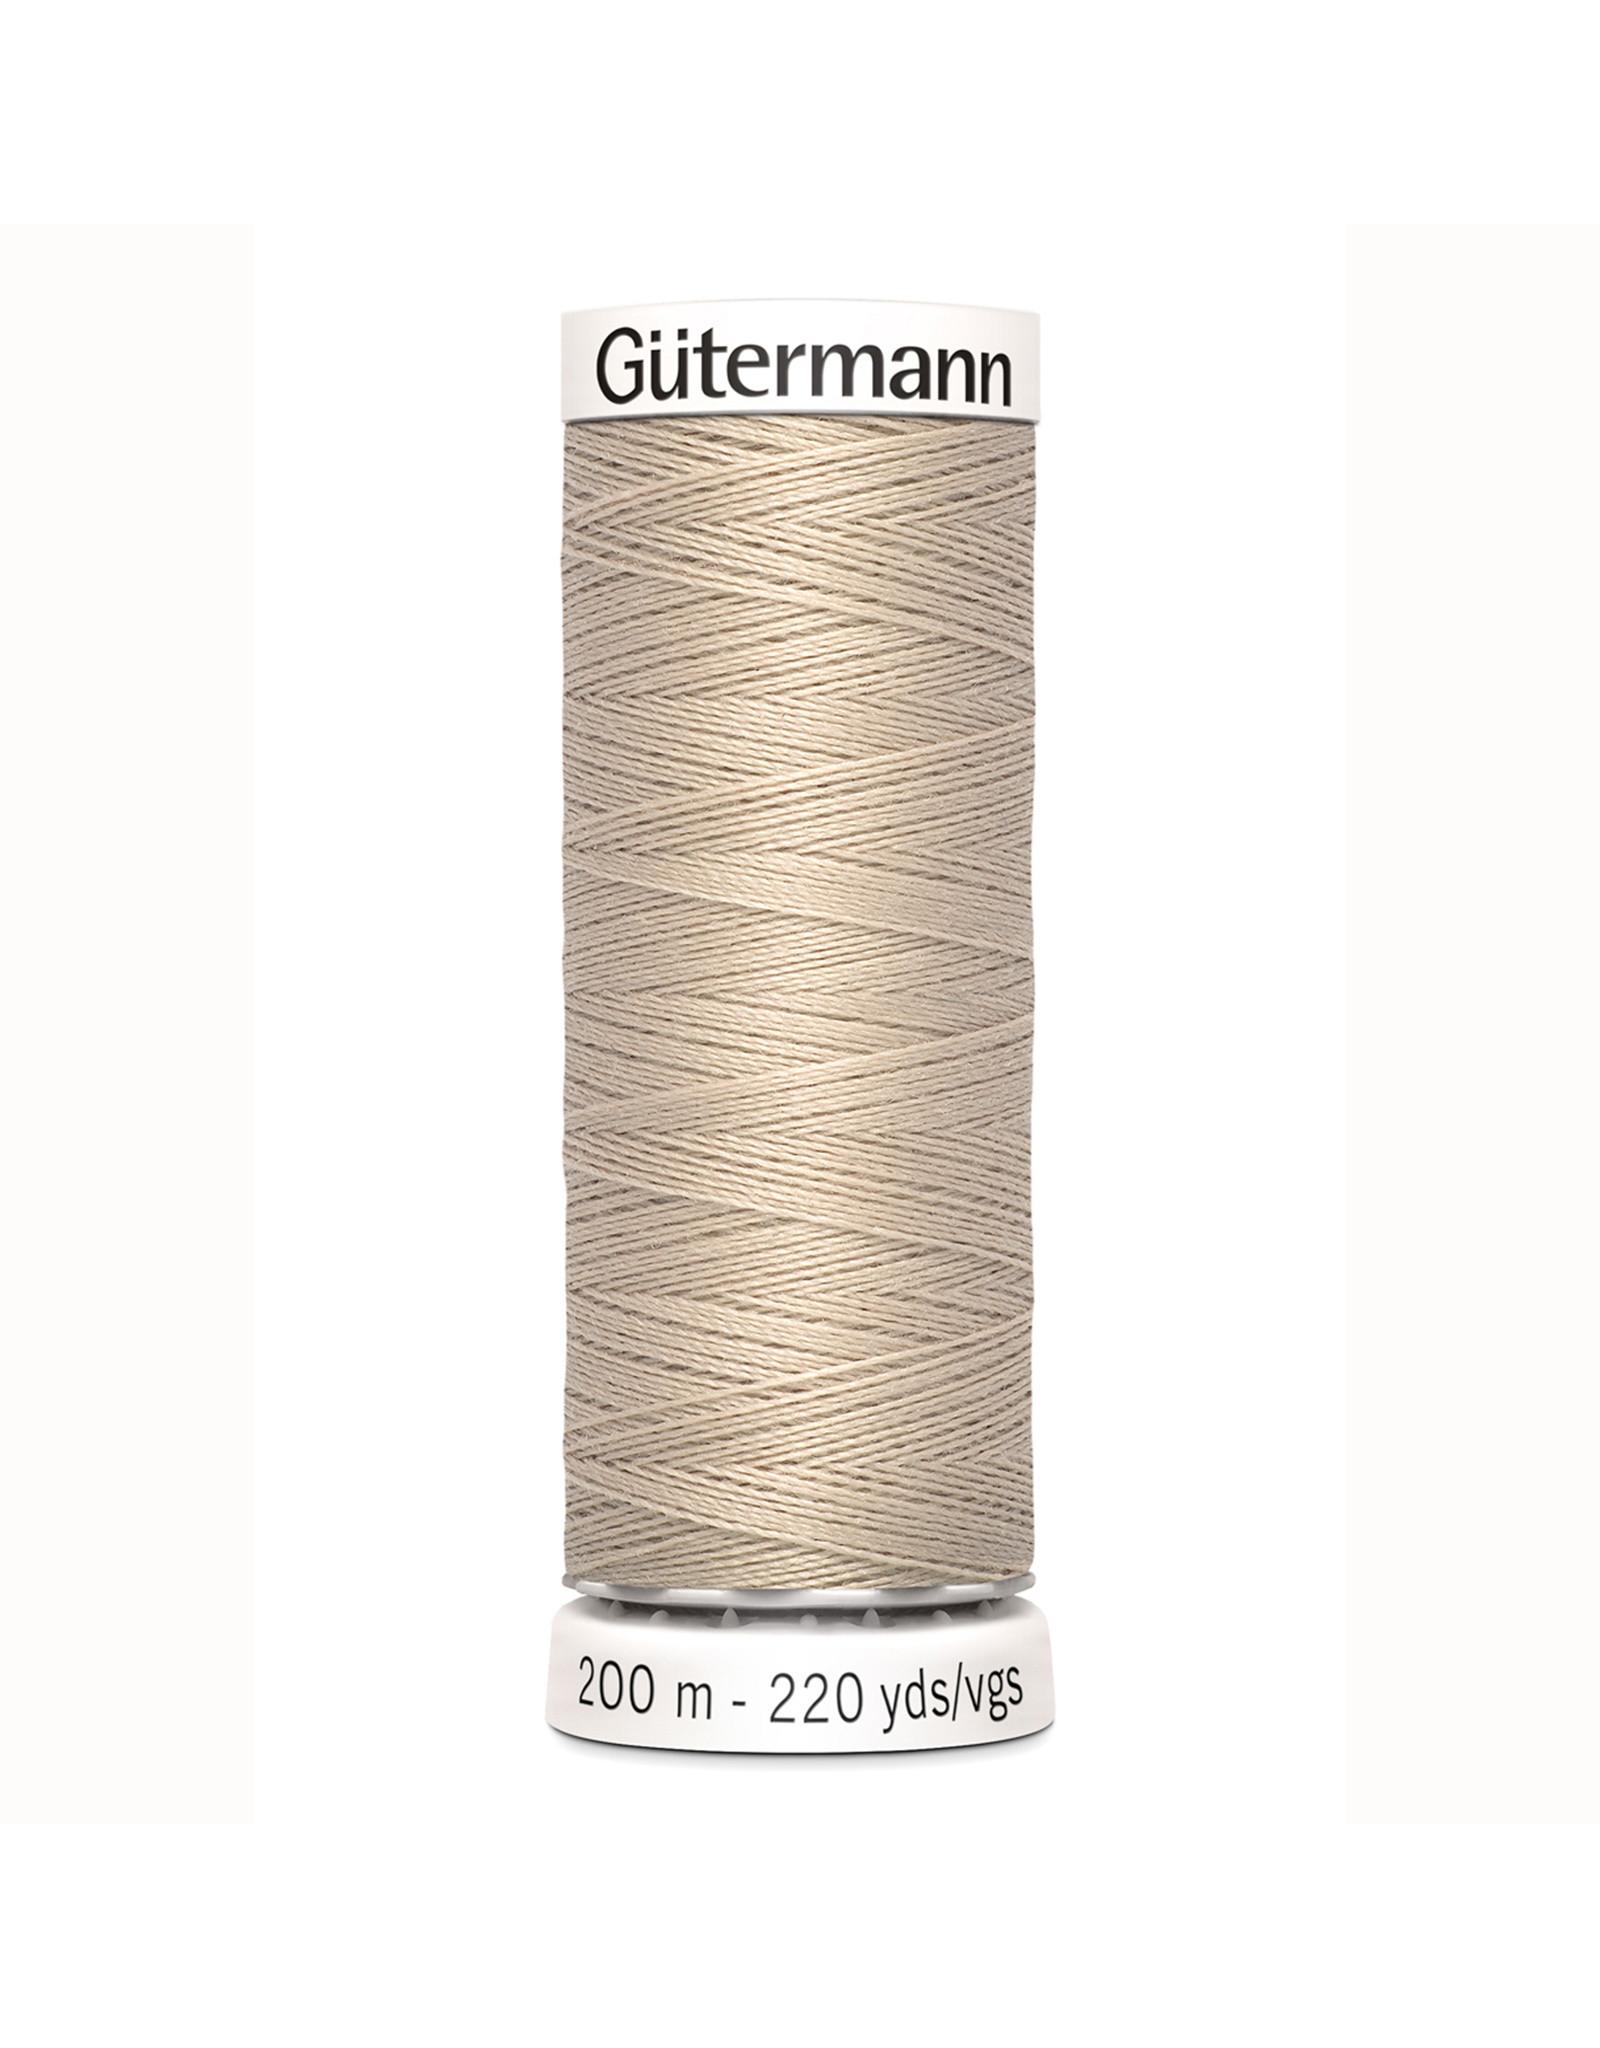 Gütermann Gütermann Sewing Thread 200 m - nr 722